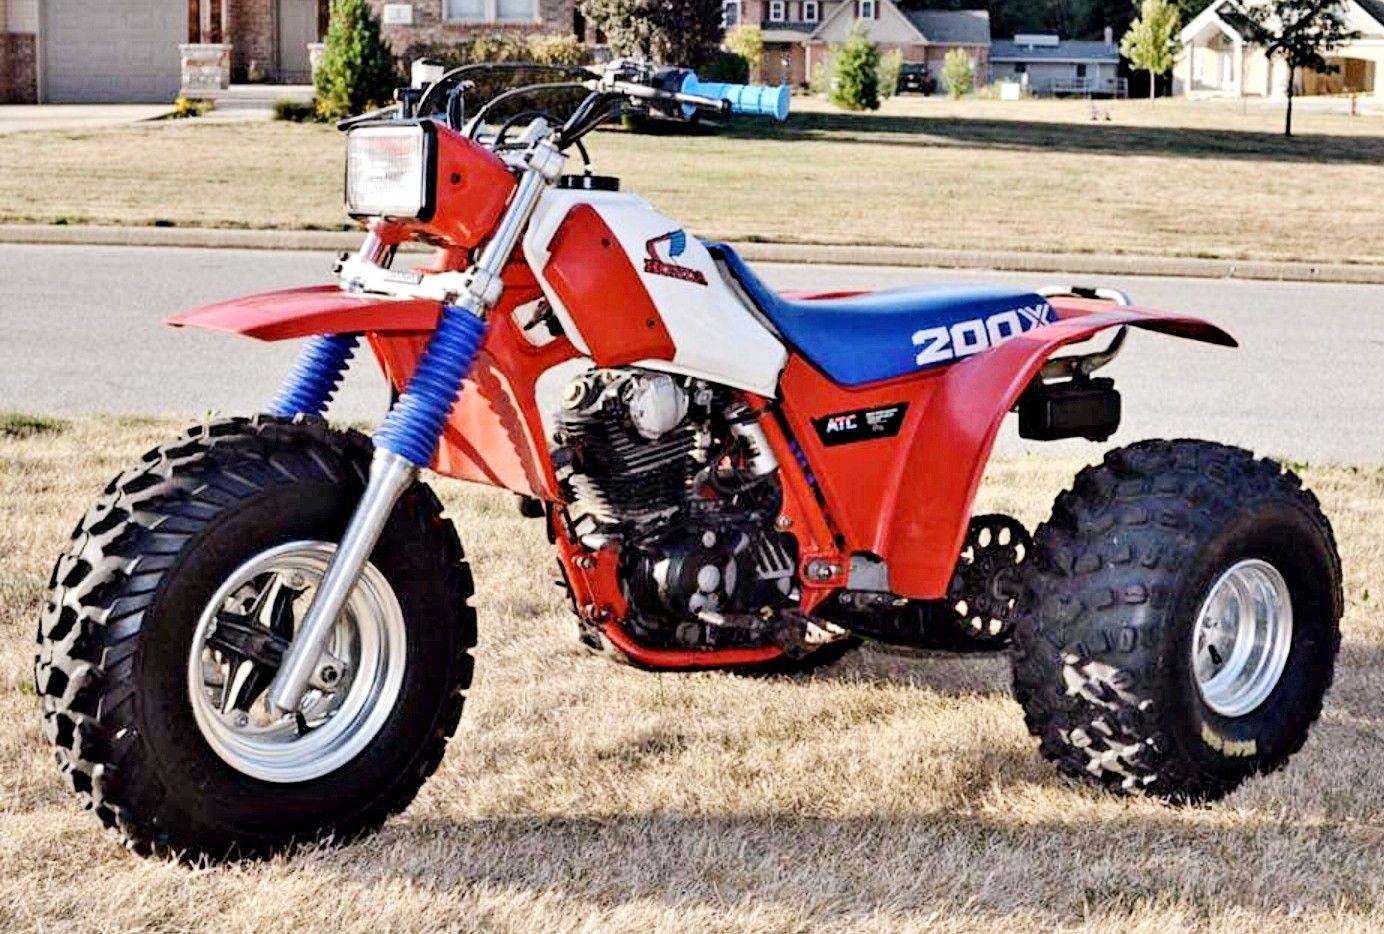 1985 Honda Atc200x Honda Motorcycles Honda Bike